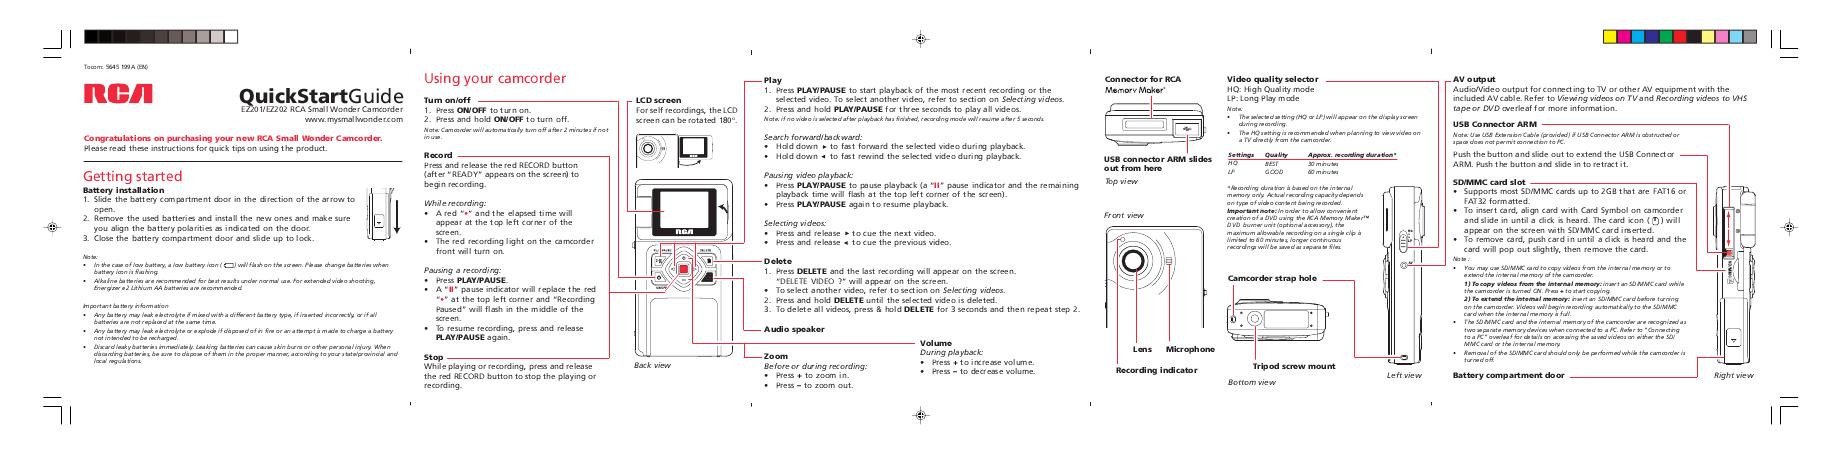 rca camcorder ez201 user 39 s guide. Black Bedroom Furniture Sets. Home Design Ideas